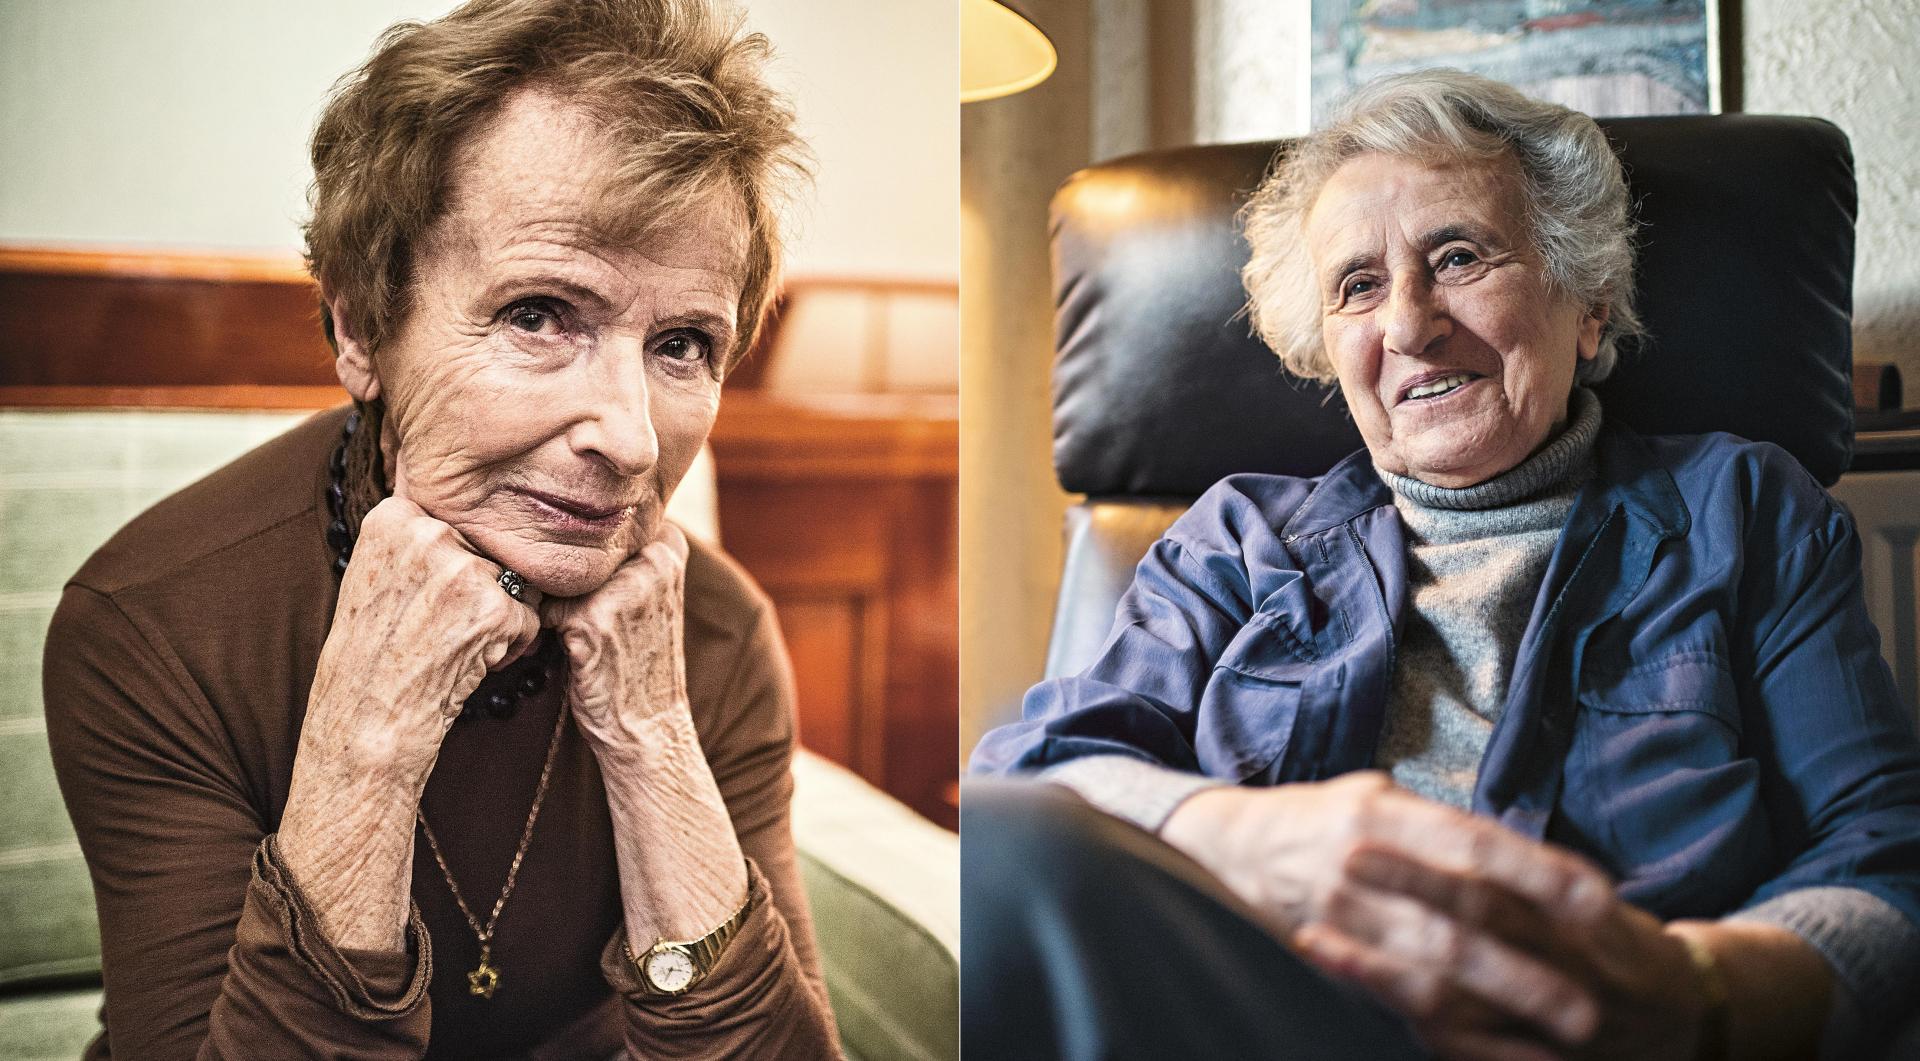 Porträts von Renate Harpprecht (links) und Anita Lasker-Wallfisch